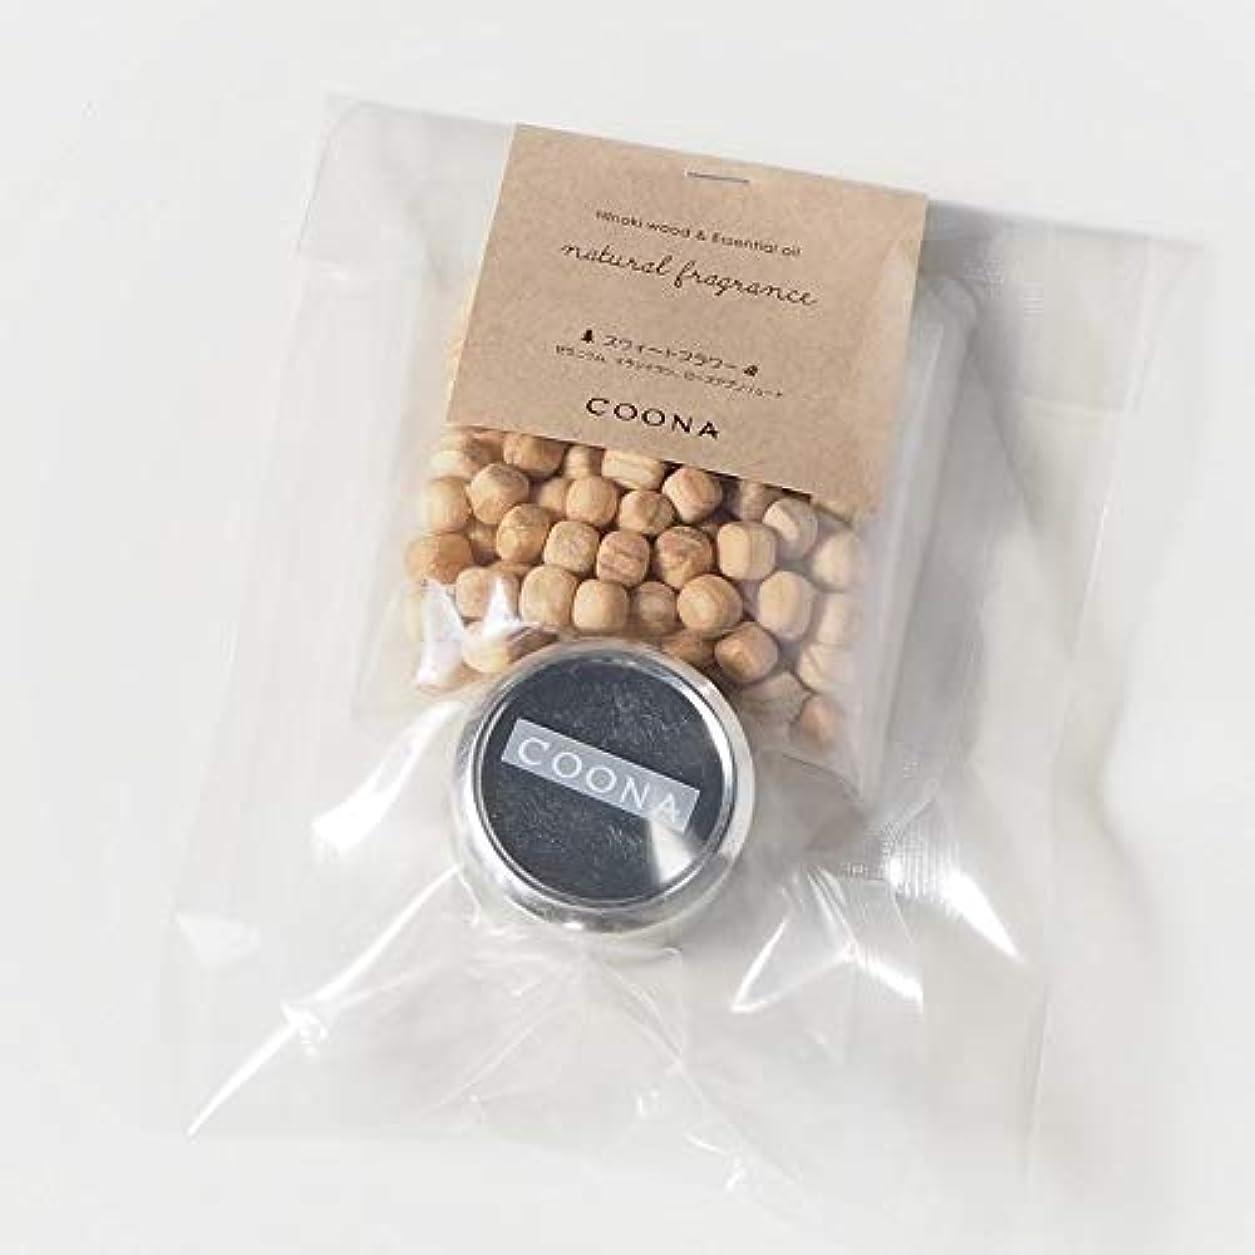 せがむ修理可能宗教的なヒノキ ウッド& エッセンシャルオイル ナチュラルフレグランス (メタル缶付き, 樹の香り)